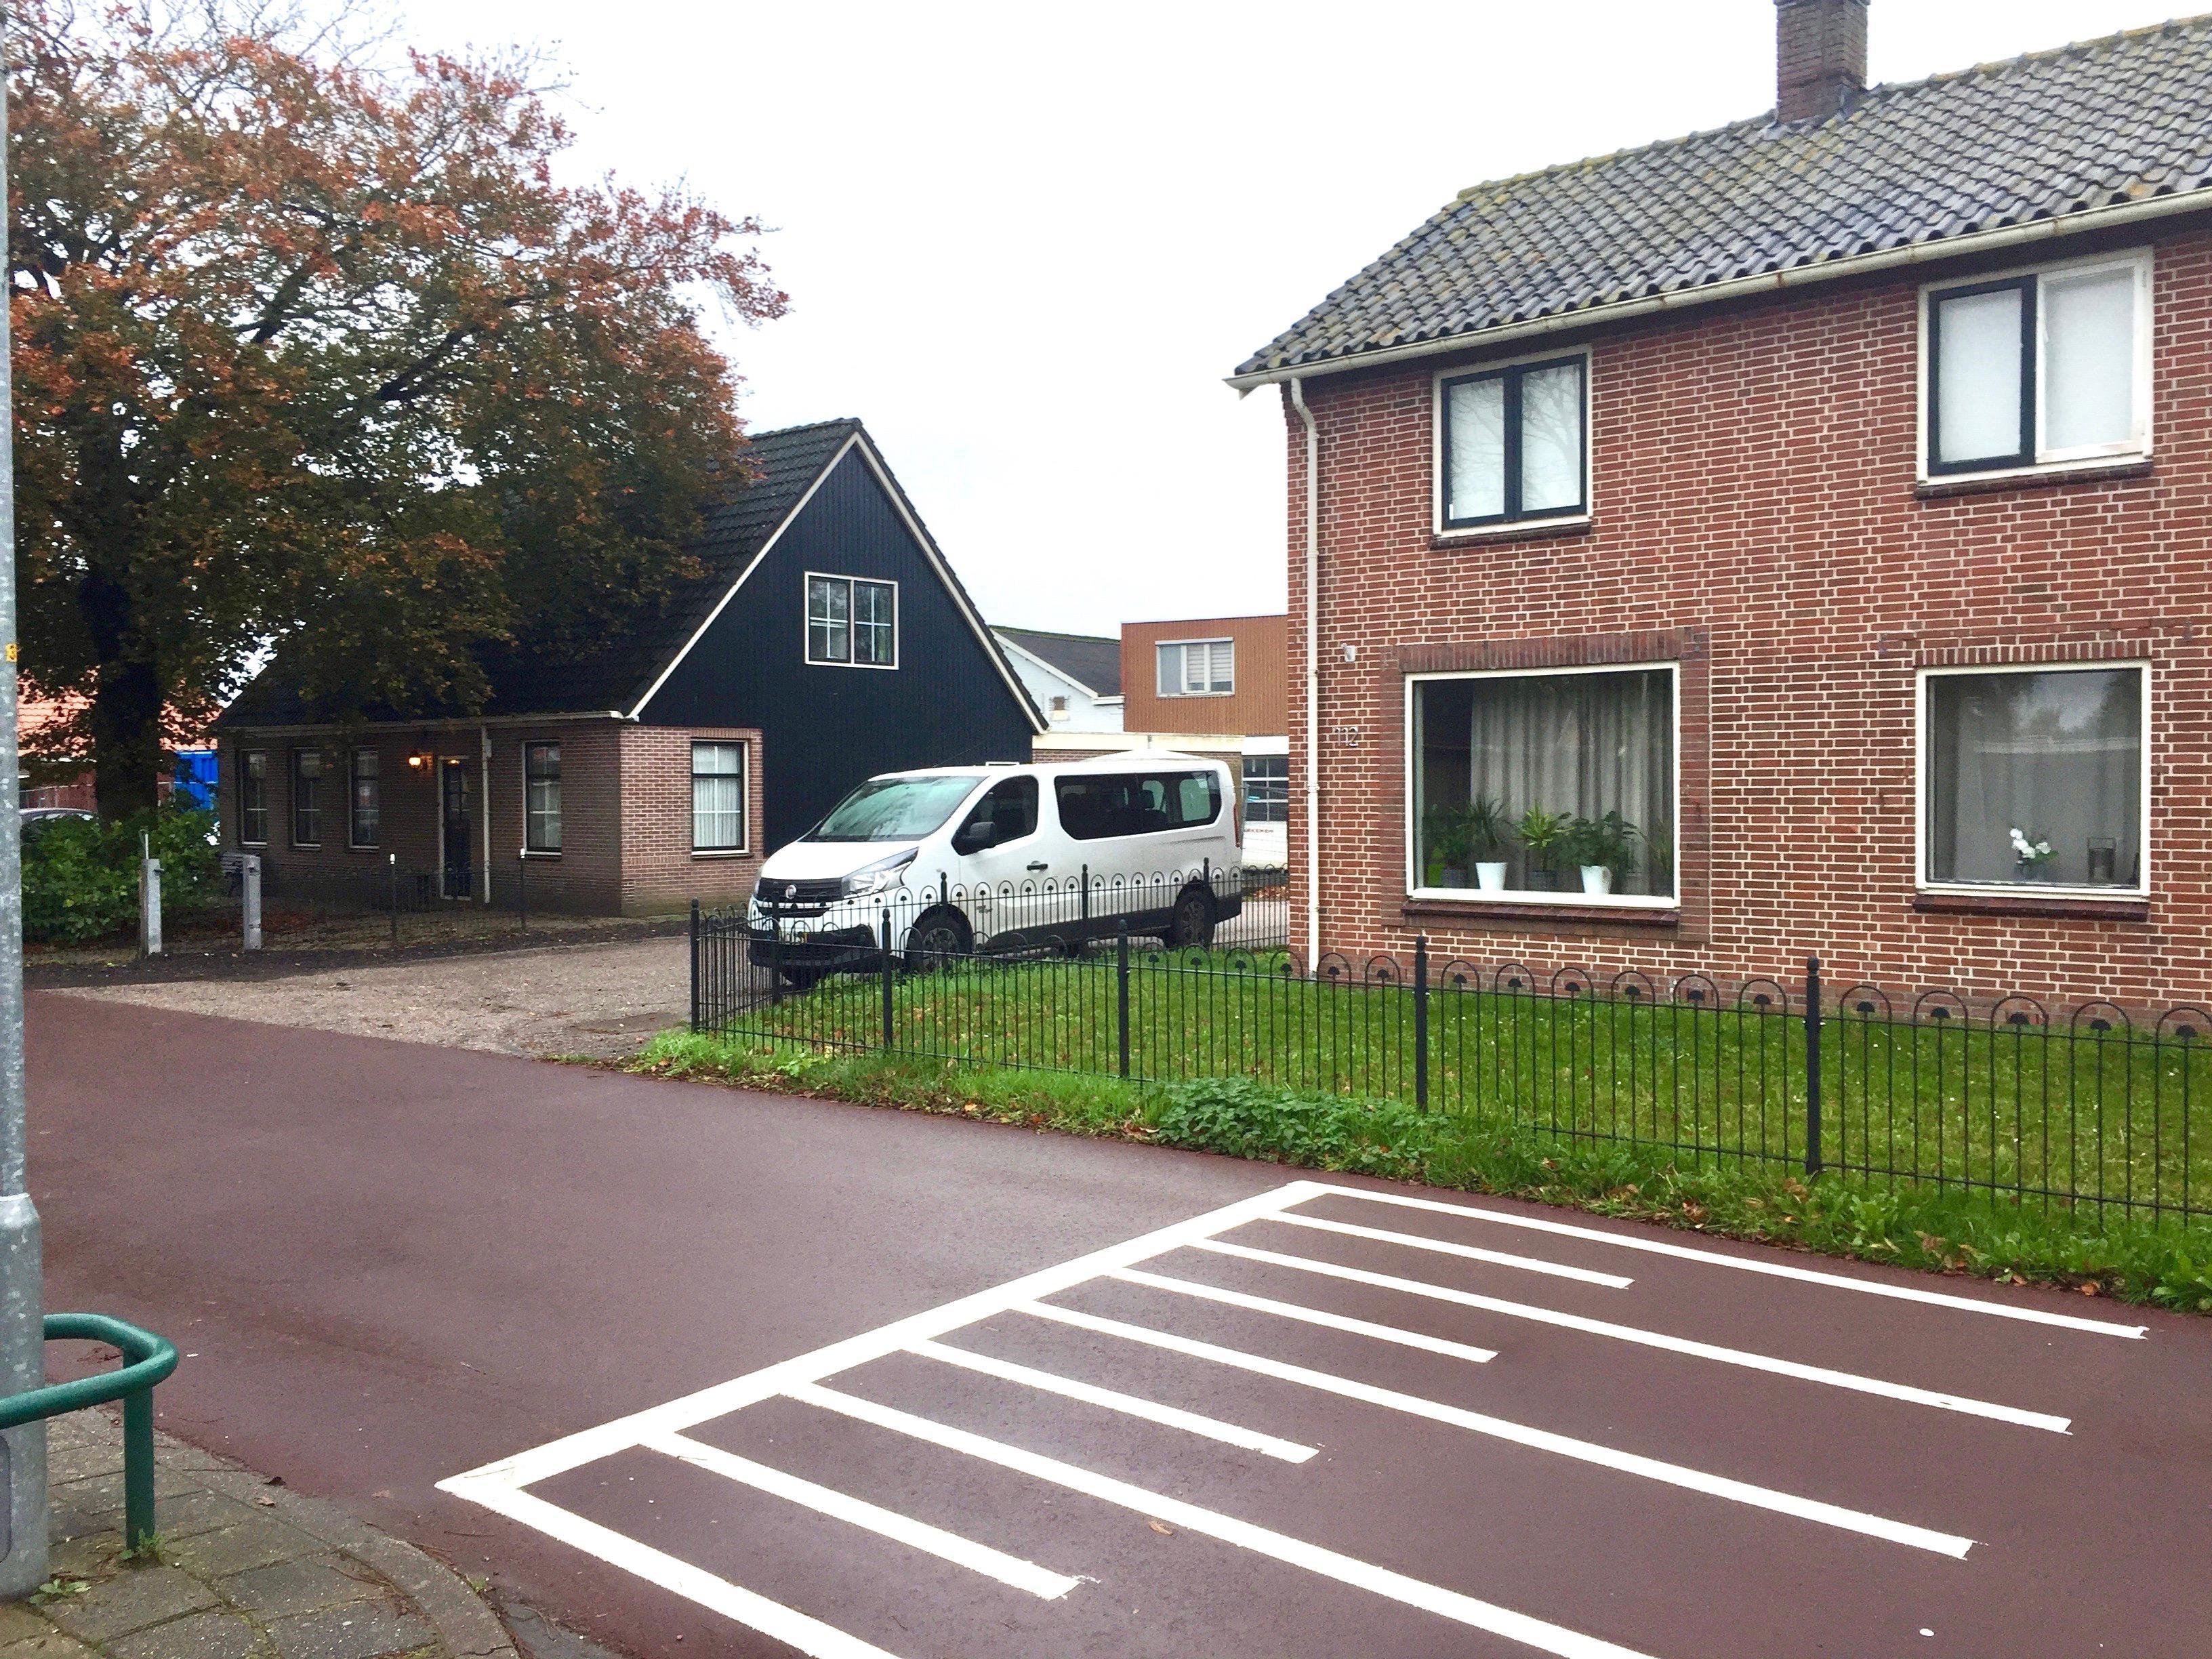 Vreeker koopt ook woningen aan De Buurt in Venhuizen - Noordhollands Dagblad